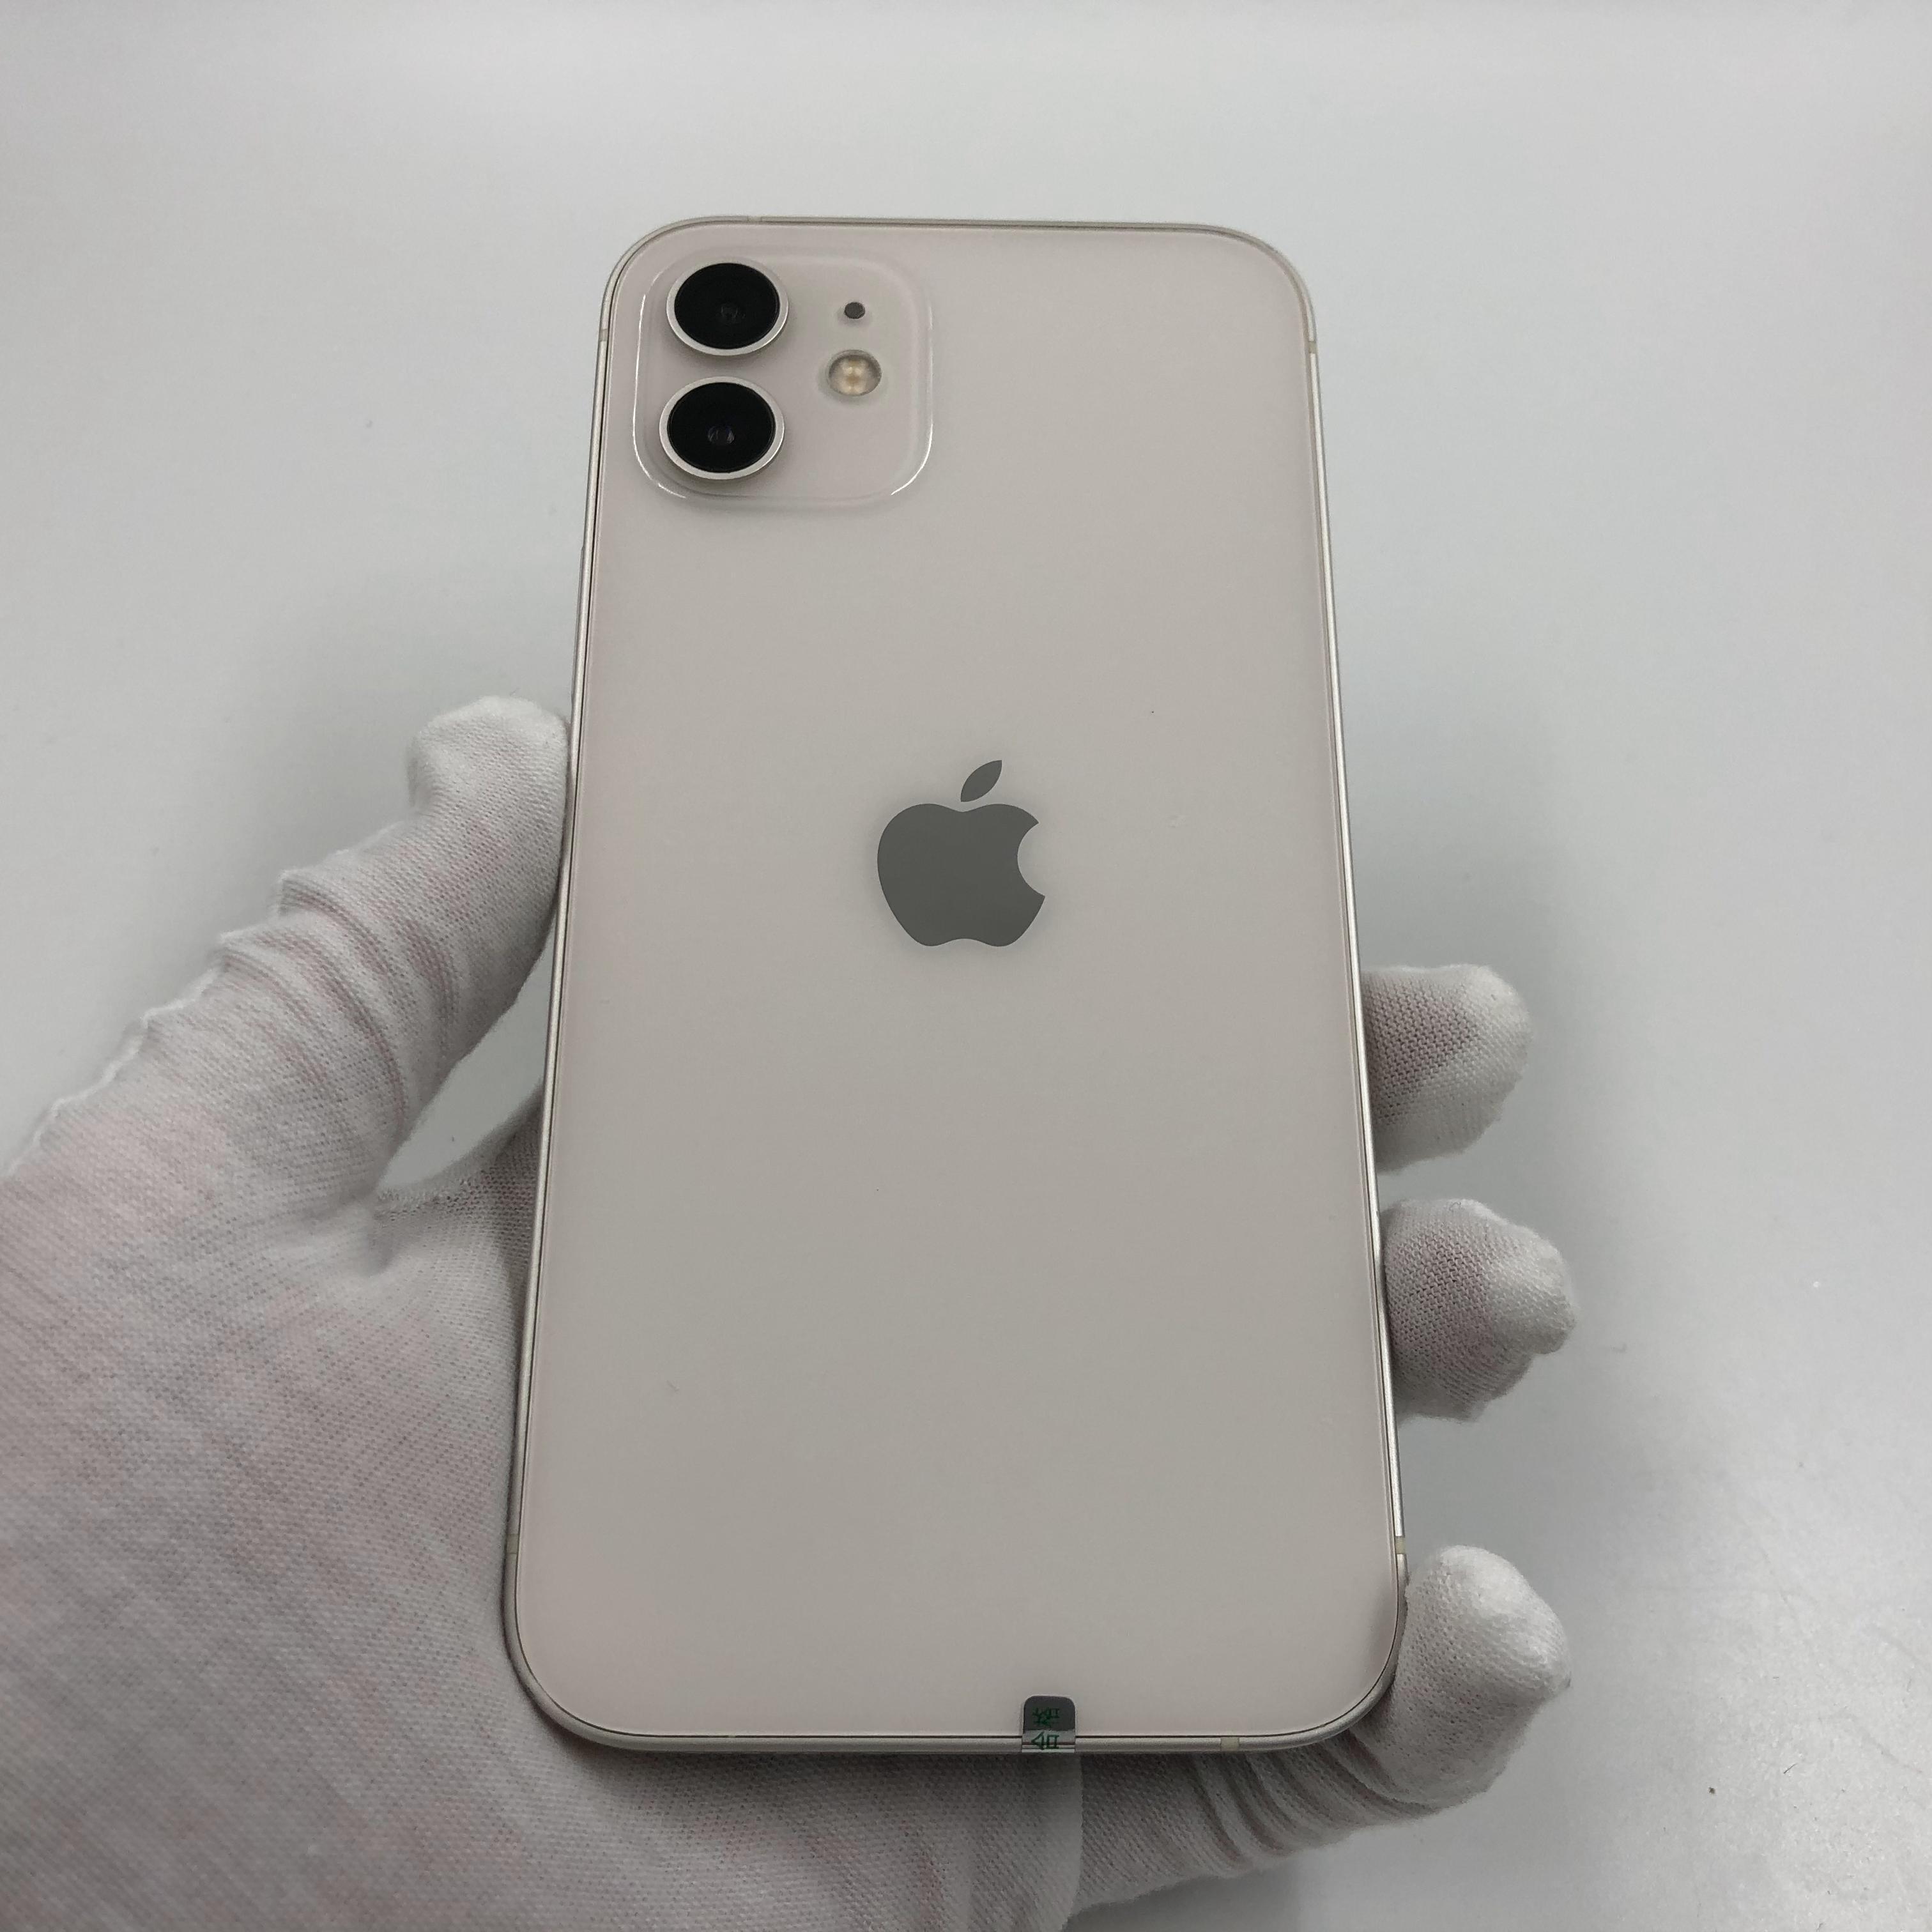 苹果【iPhone 12】5G全网通 白色 64G 国行 9成新 真机实拍官保2022-03-25